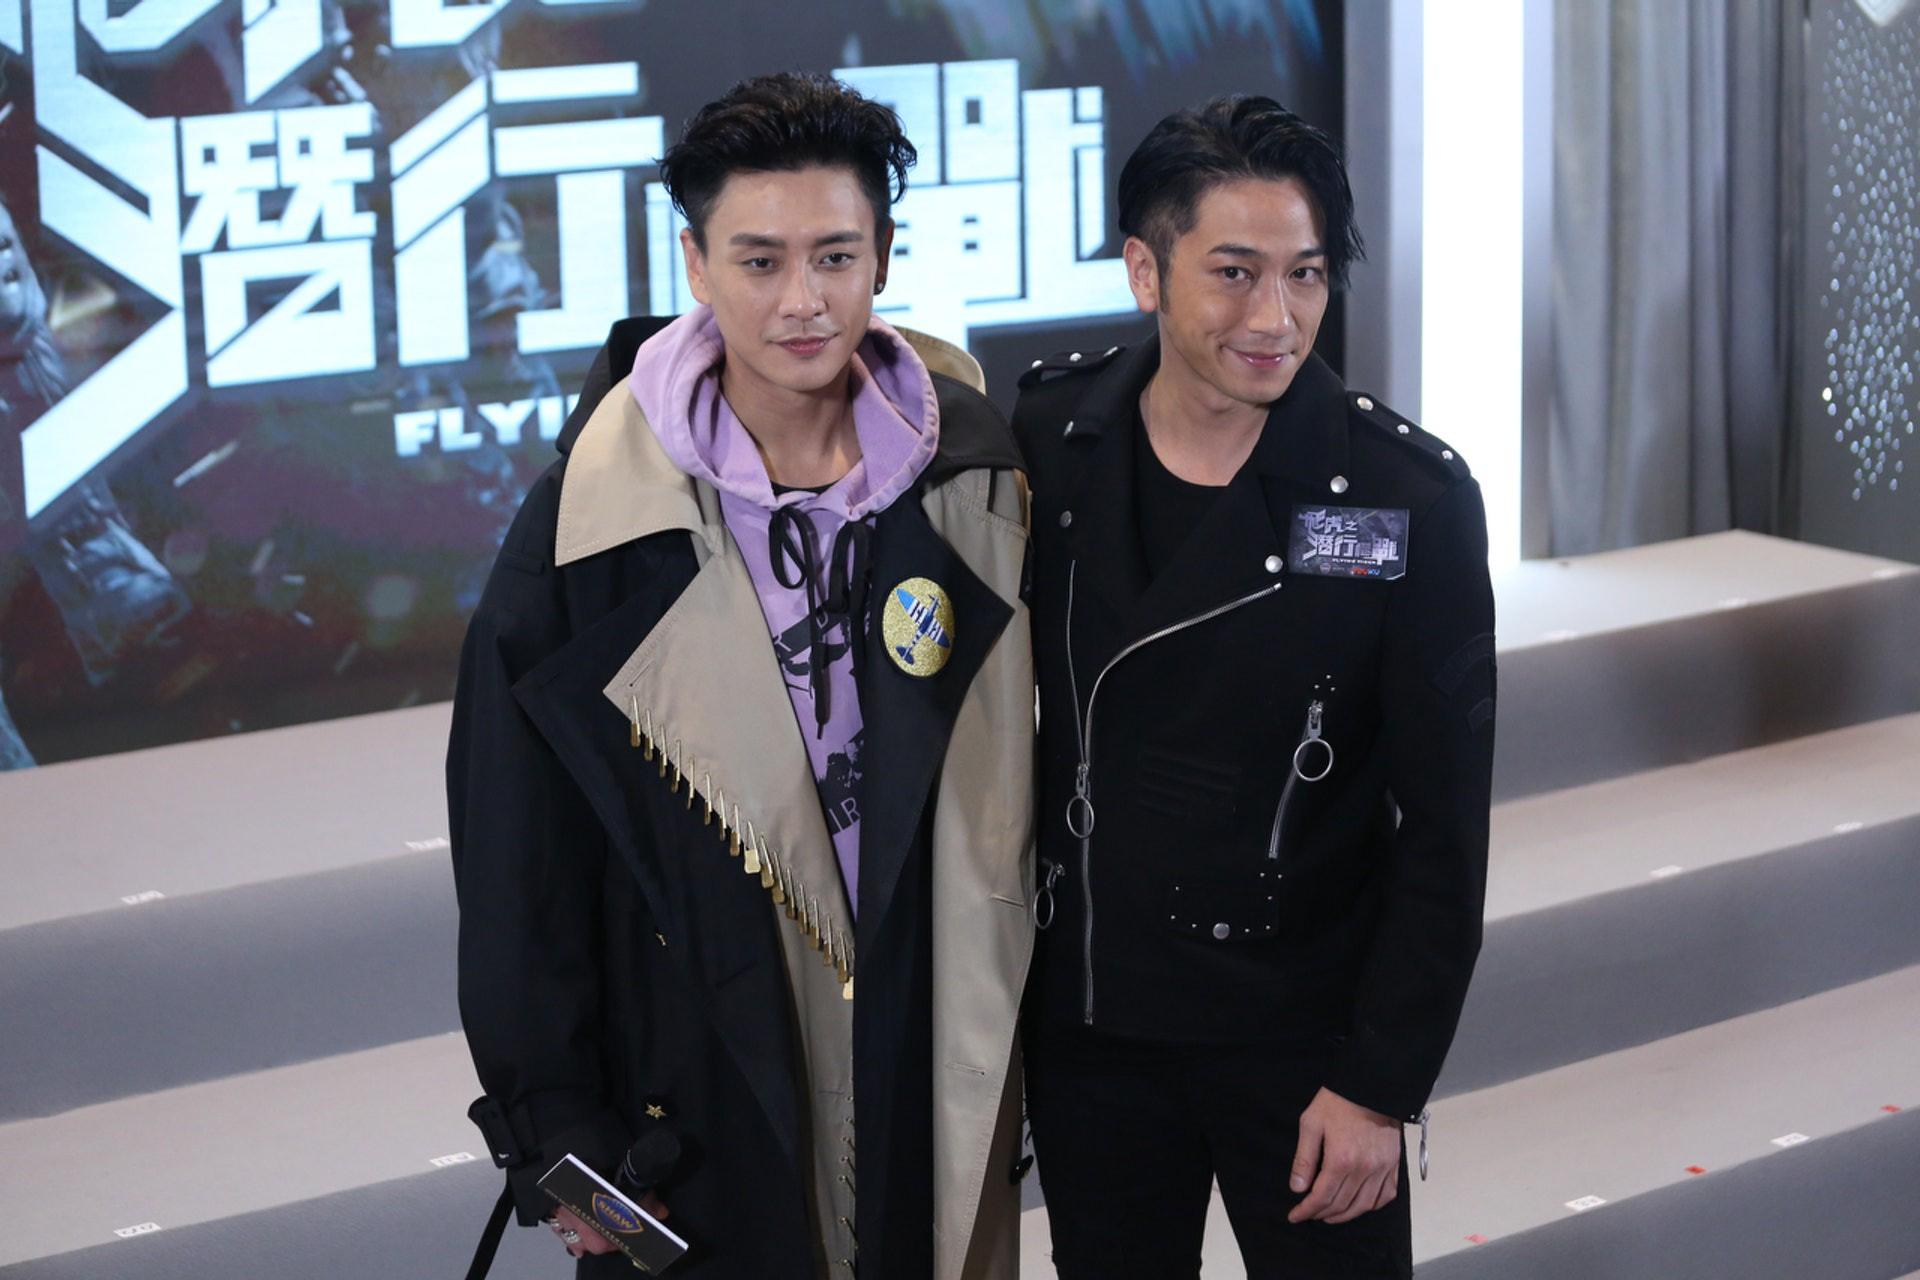 Phi Hổ Cực Chiến: Toát mồ hôi theo dấu đội hình bắn tỉa hội tụ toàn ngôi sao TVB - Ảnh 4.